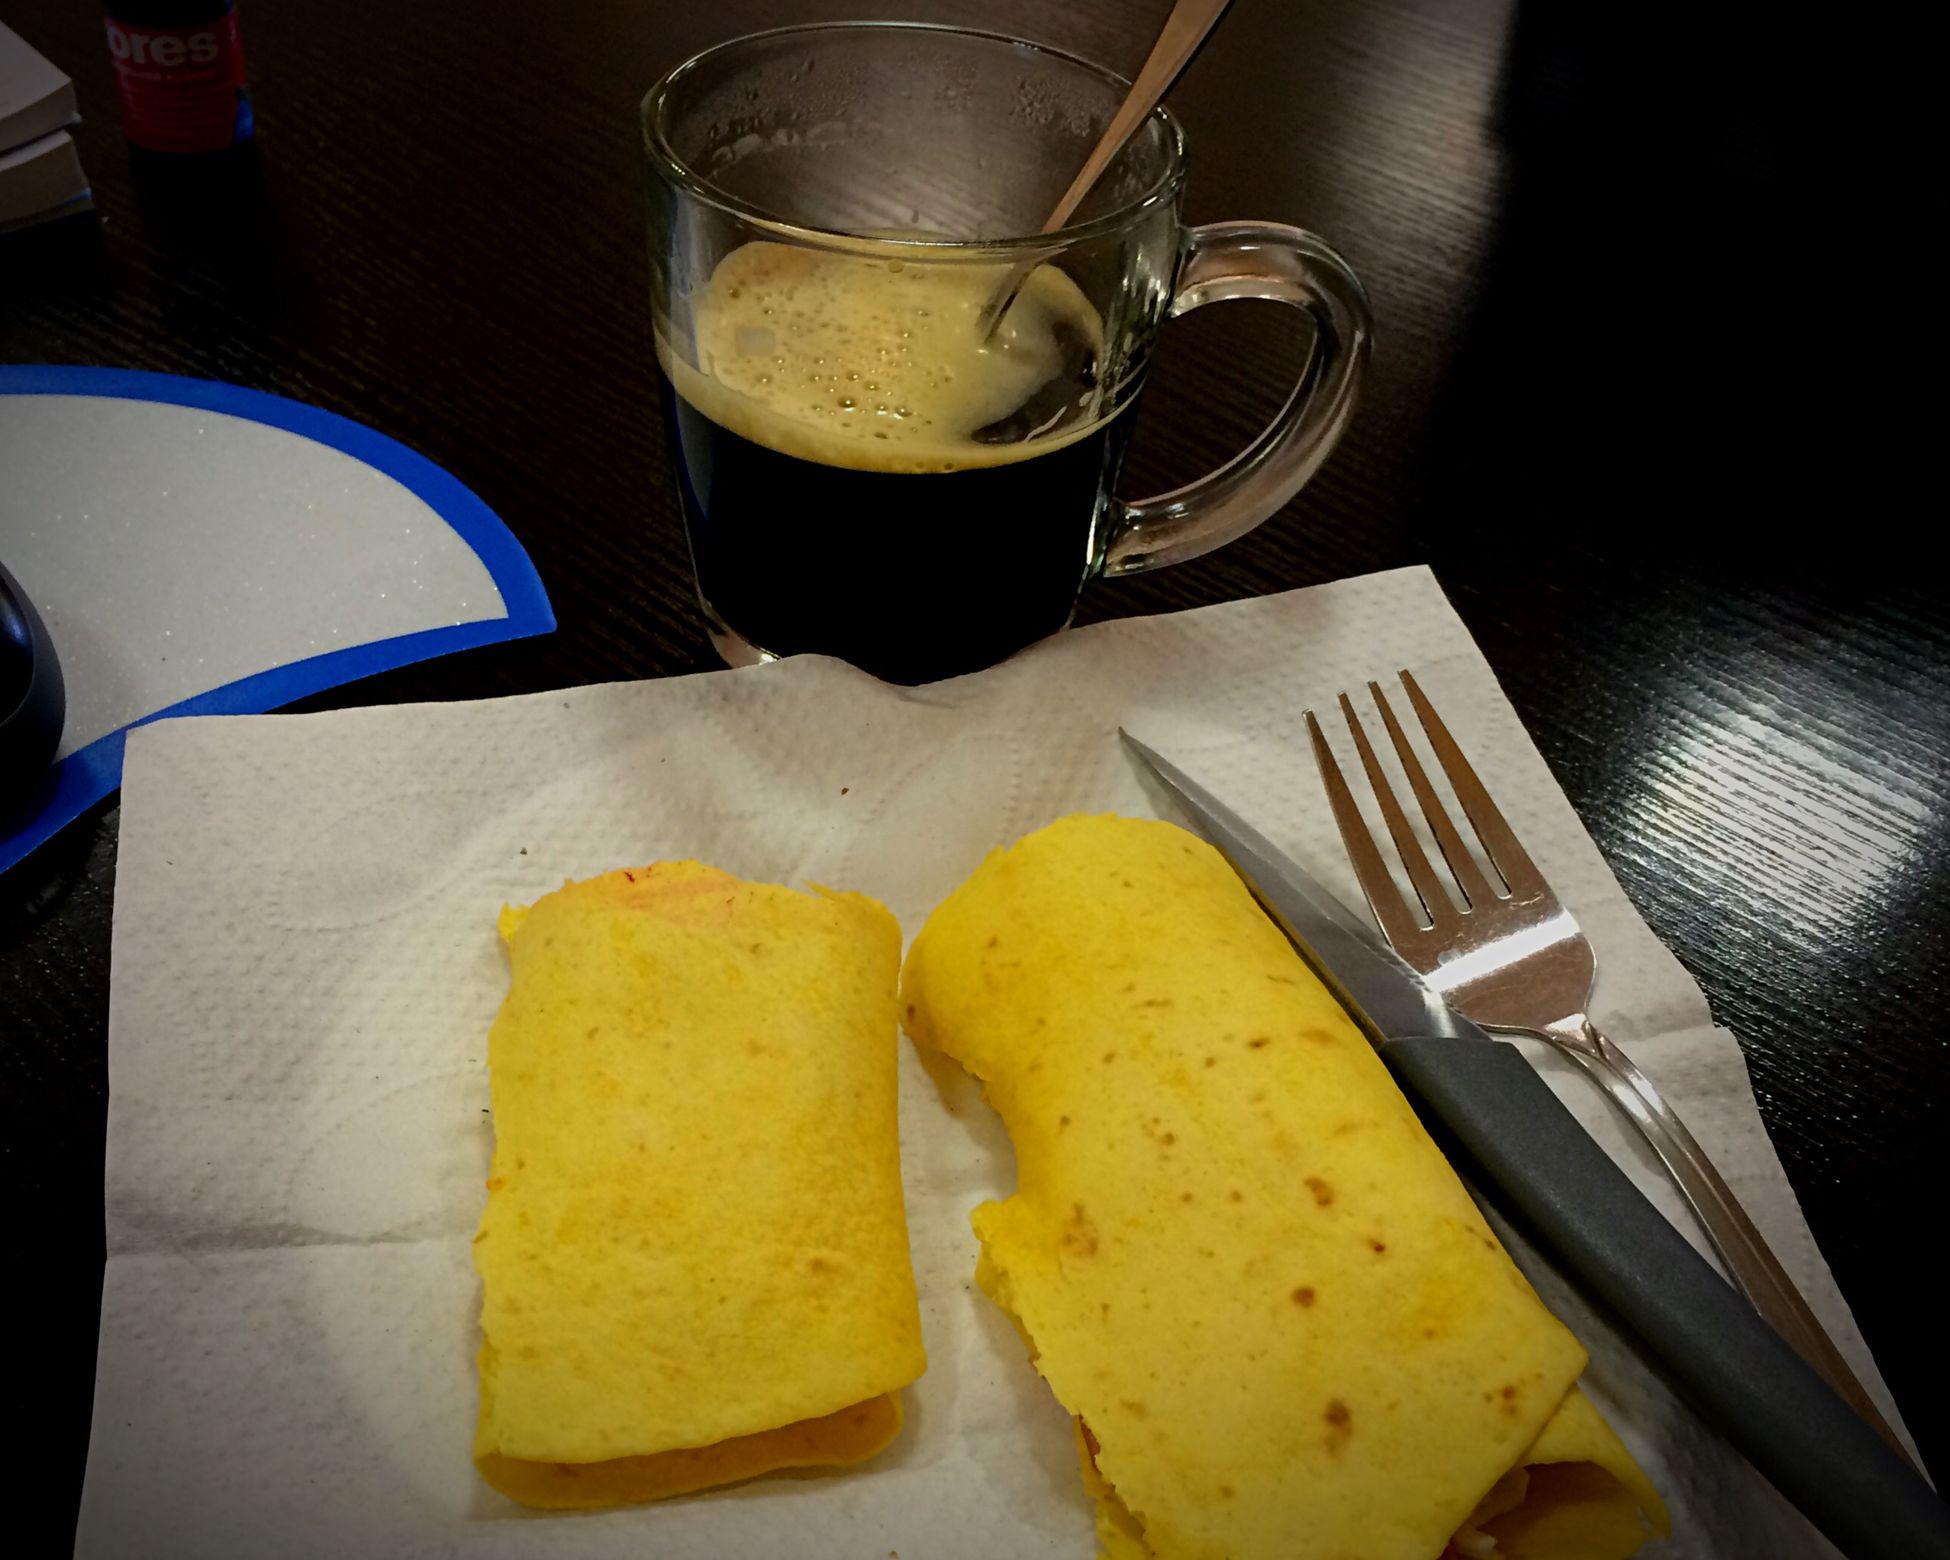 Я сыта! Я выспалась! Впереди 4 выходных! Доброе утро. Завтрак фотоеды Еда Breakfast Food Coffee Time кофе Coffee